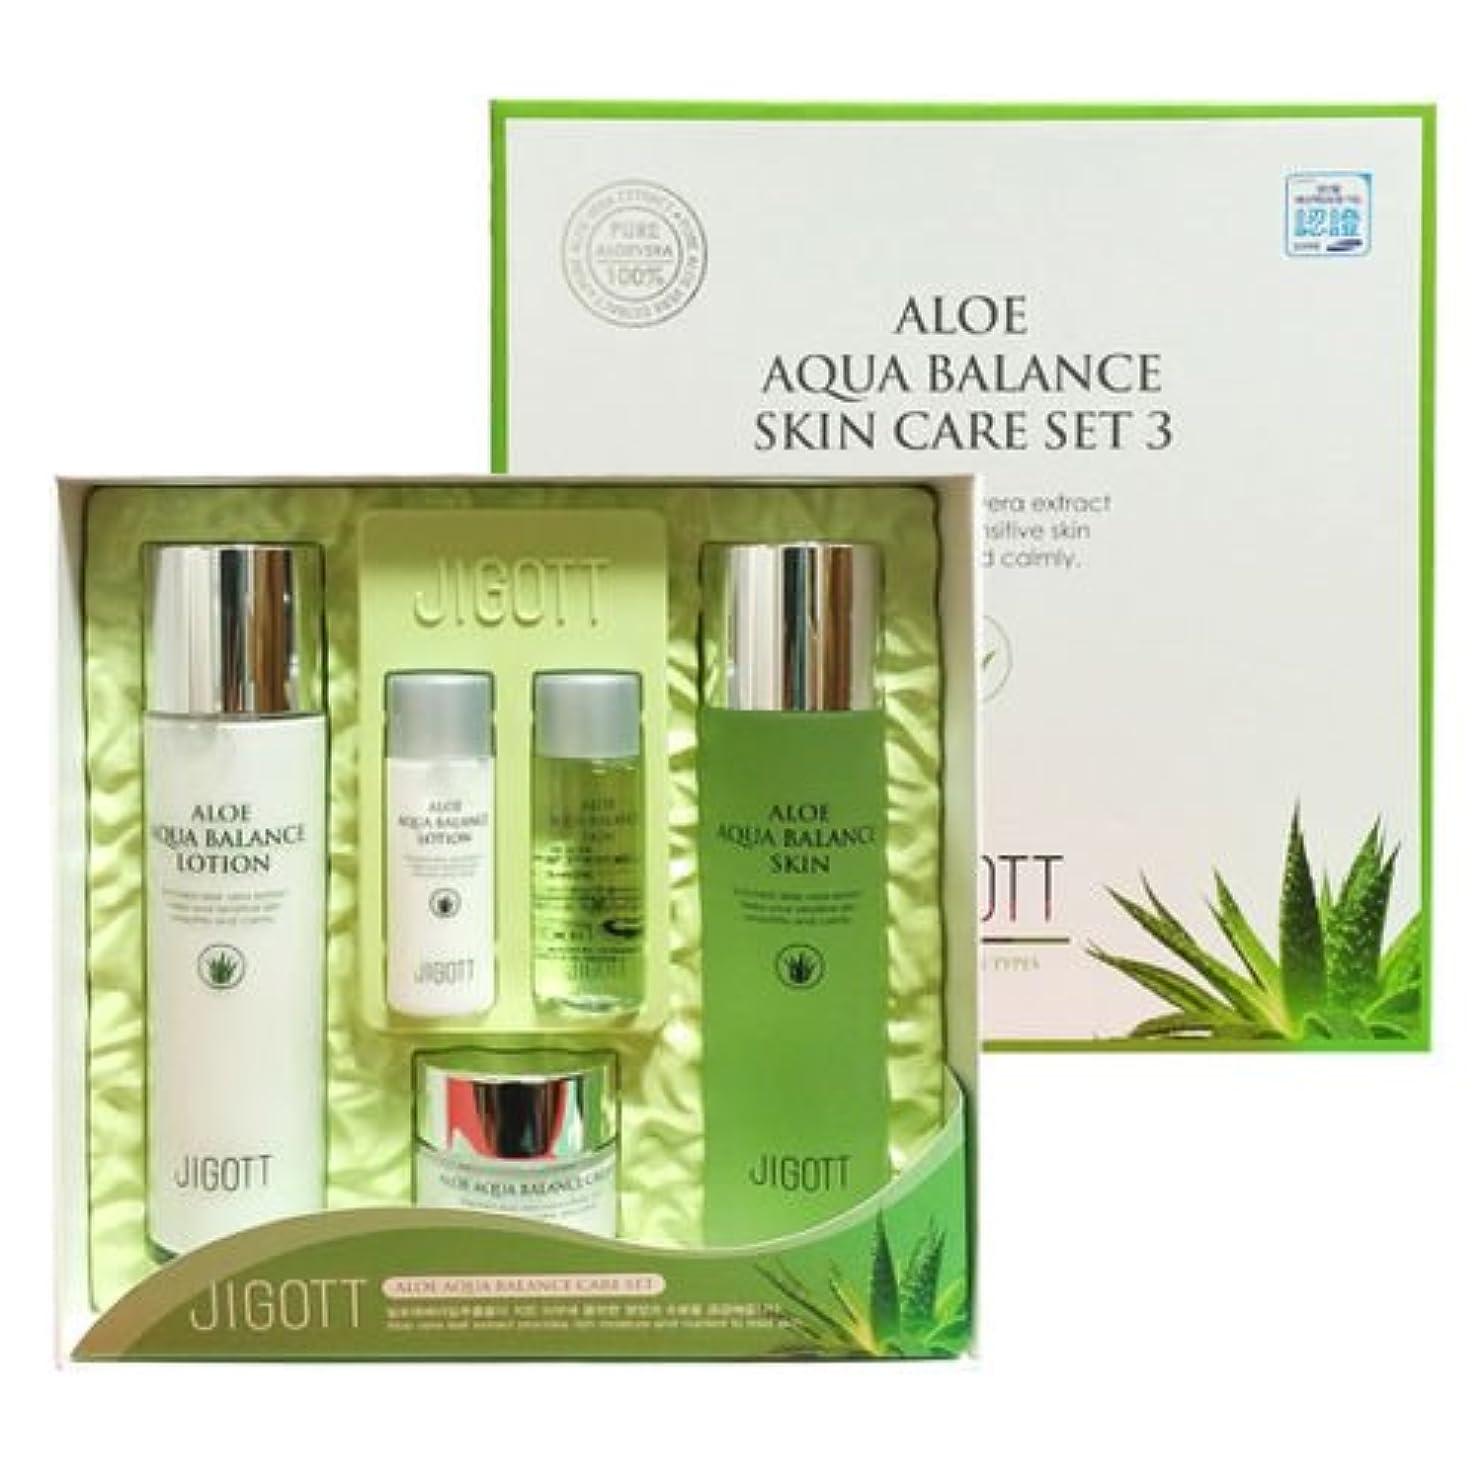 道徳のラフレシアアルノルディ海嶺ジゴトゥ[韓国コスメJigott]Aloe Aqua Balance Skin Care 3 Set アロエアクアバランススキンケア3セット樹液,乳液,クリーム [並行輸入品]